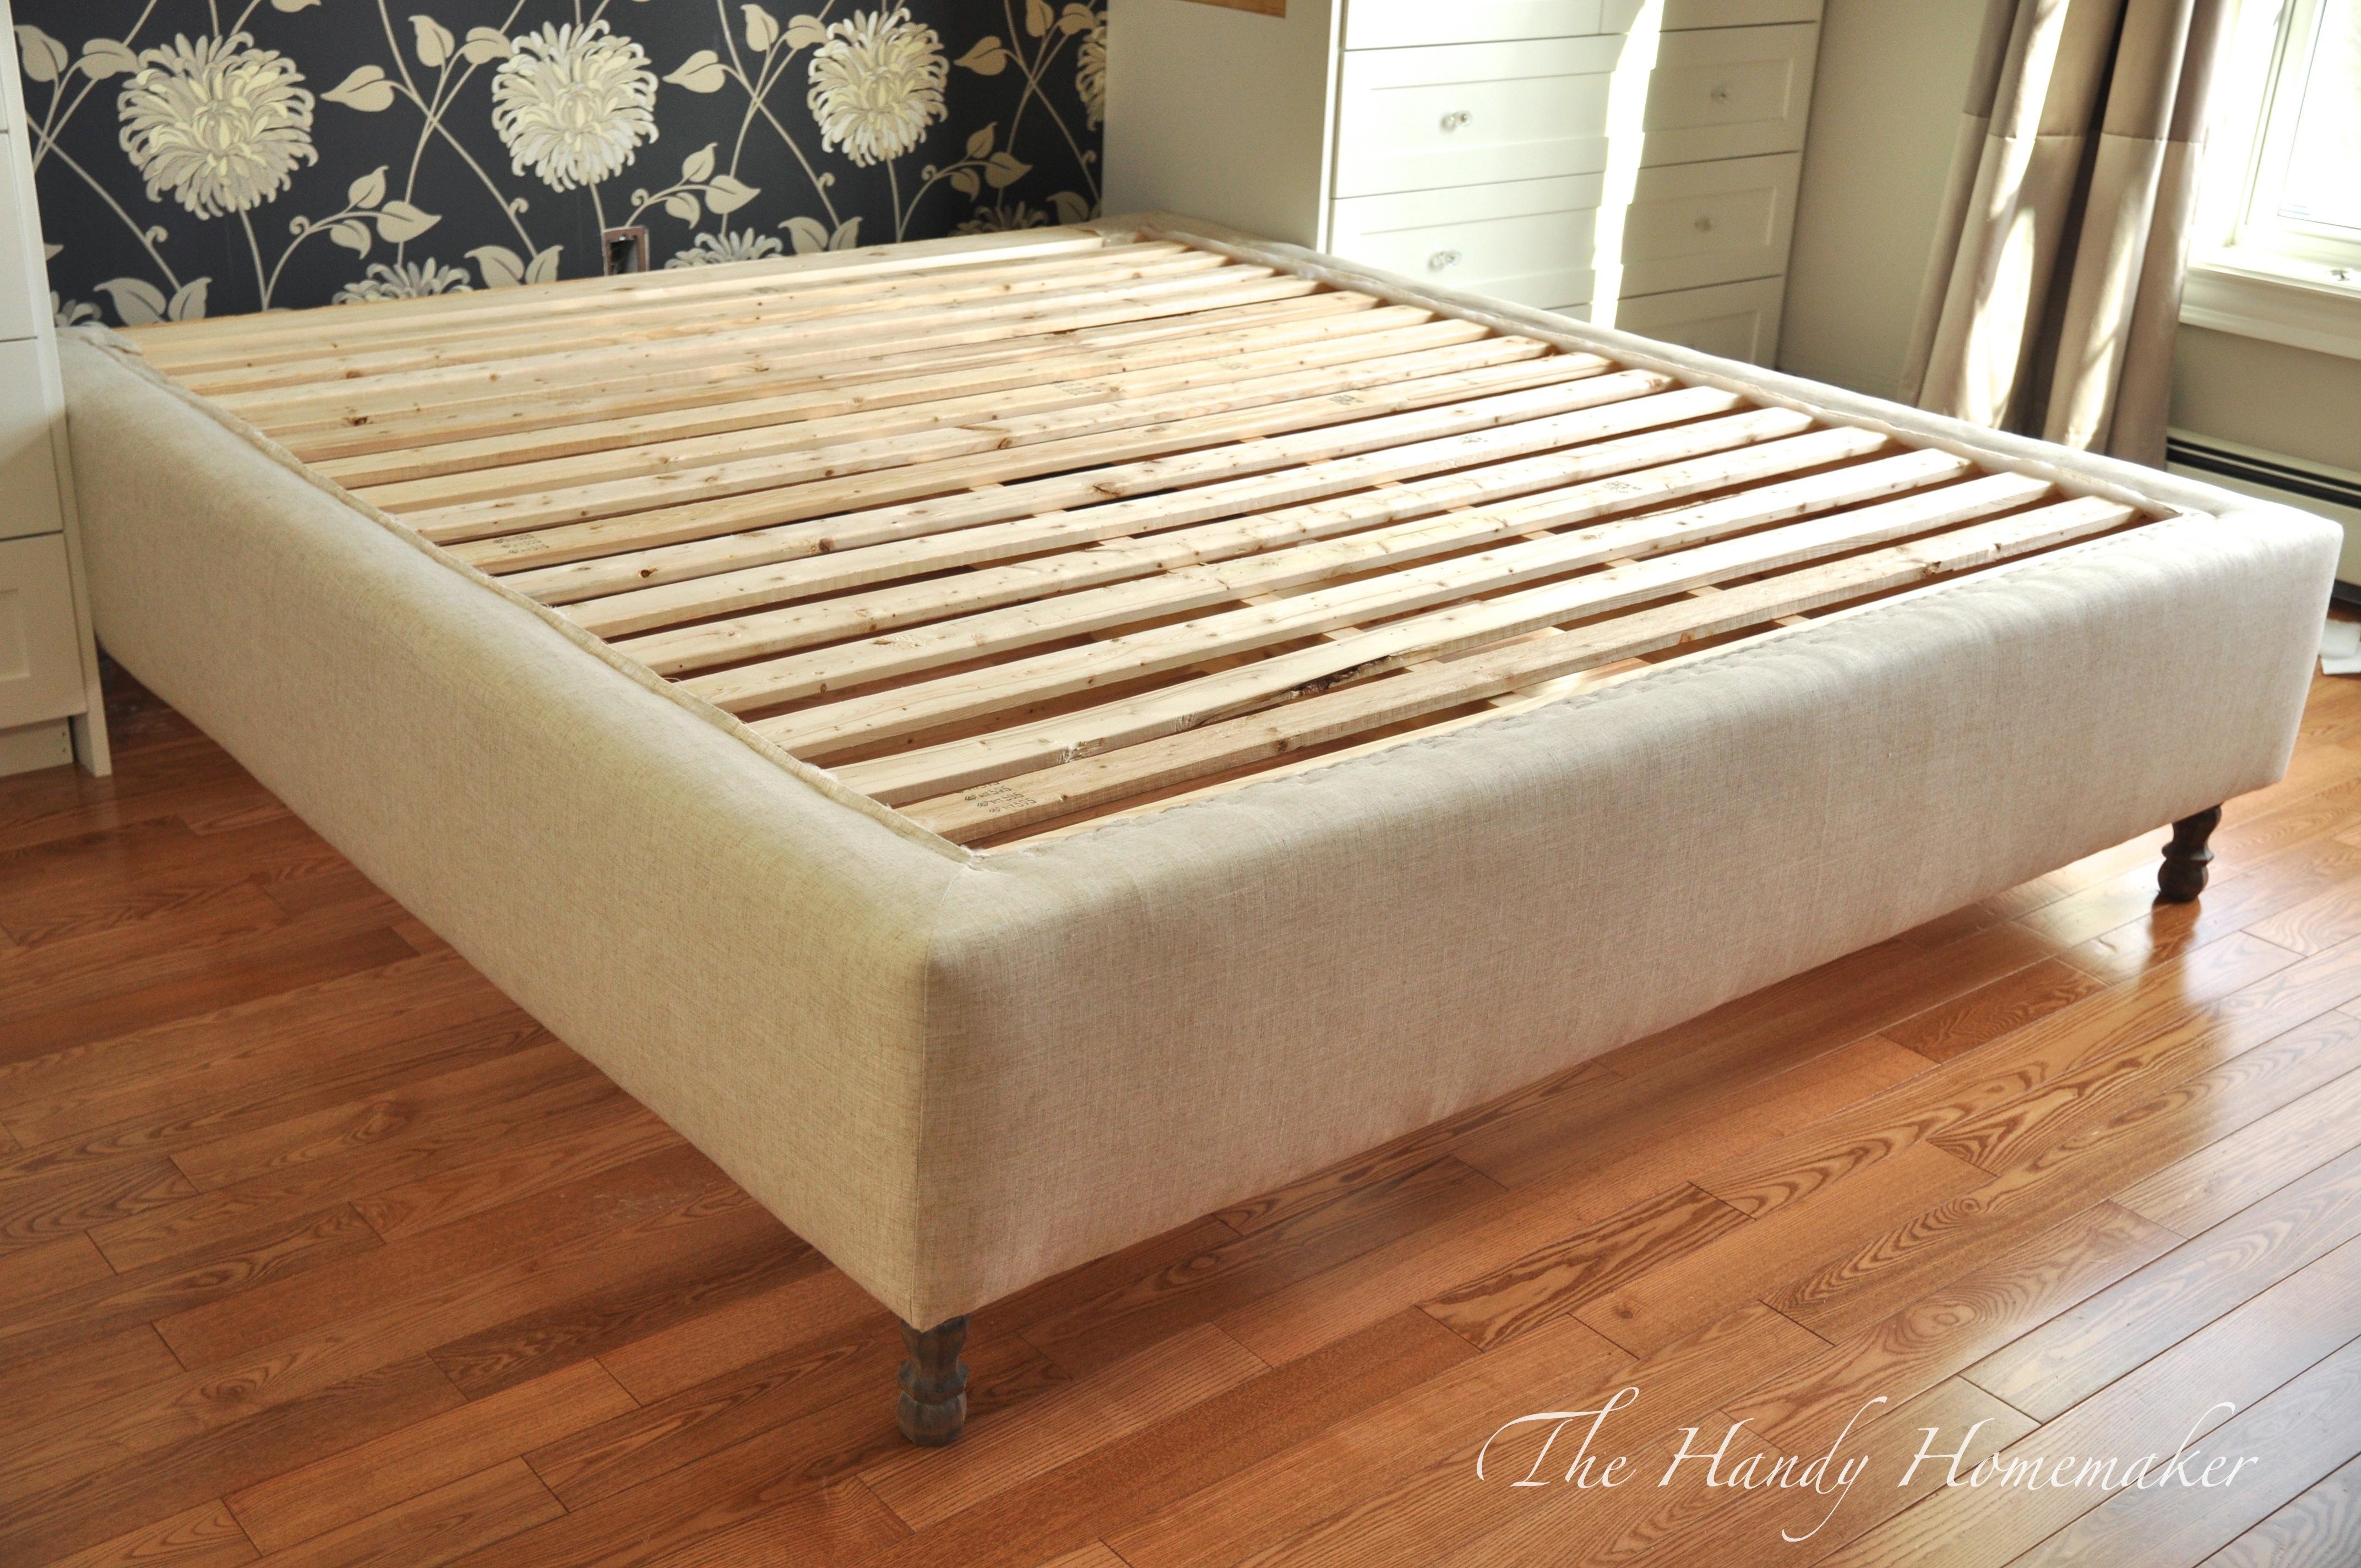 Upholstered Bedframe Diy Part 1